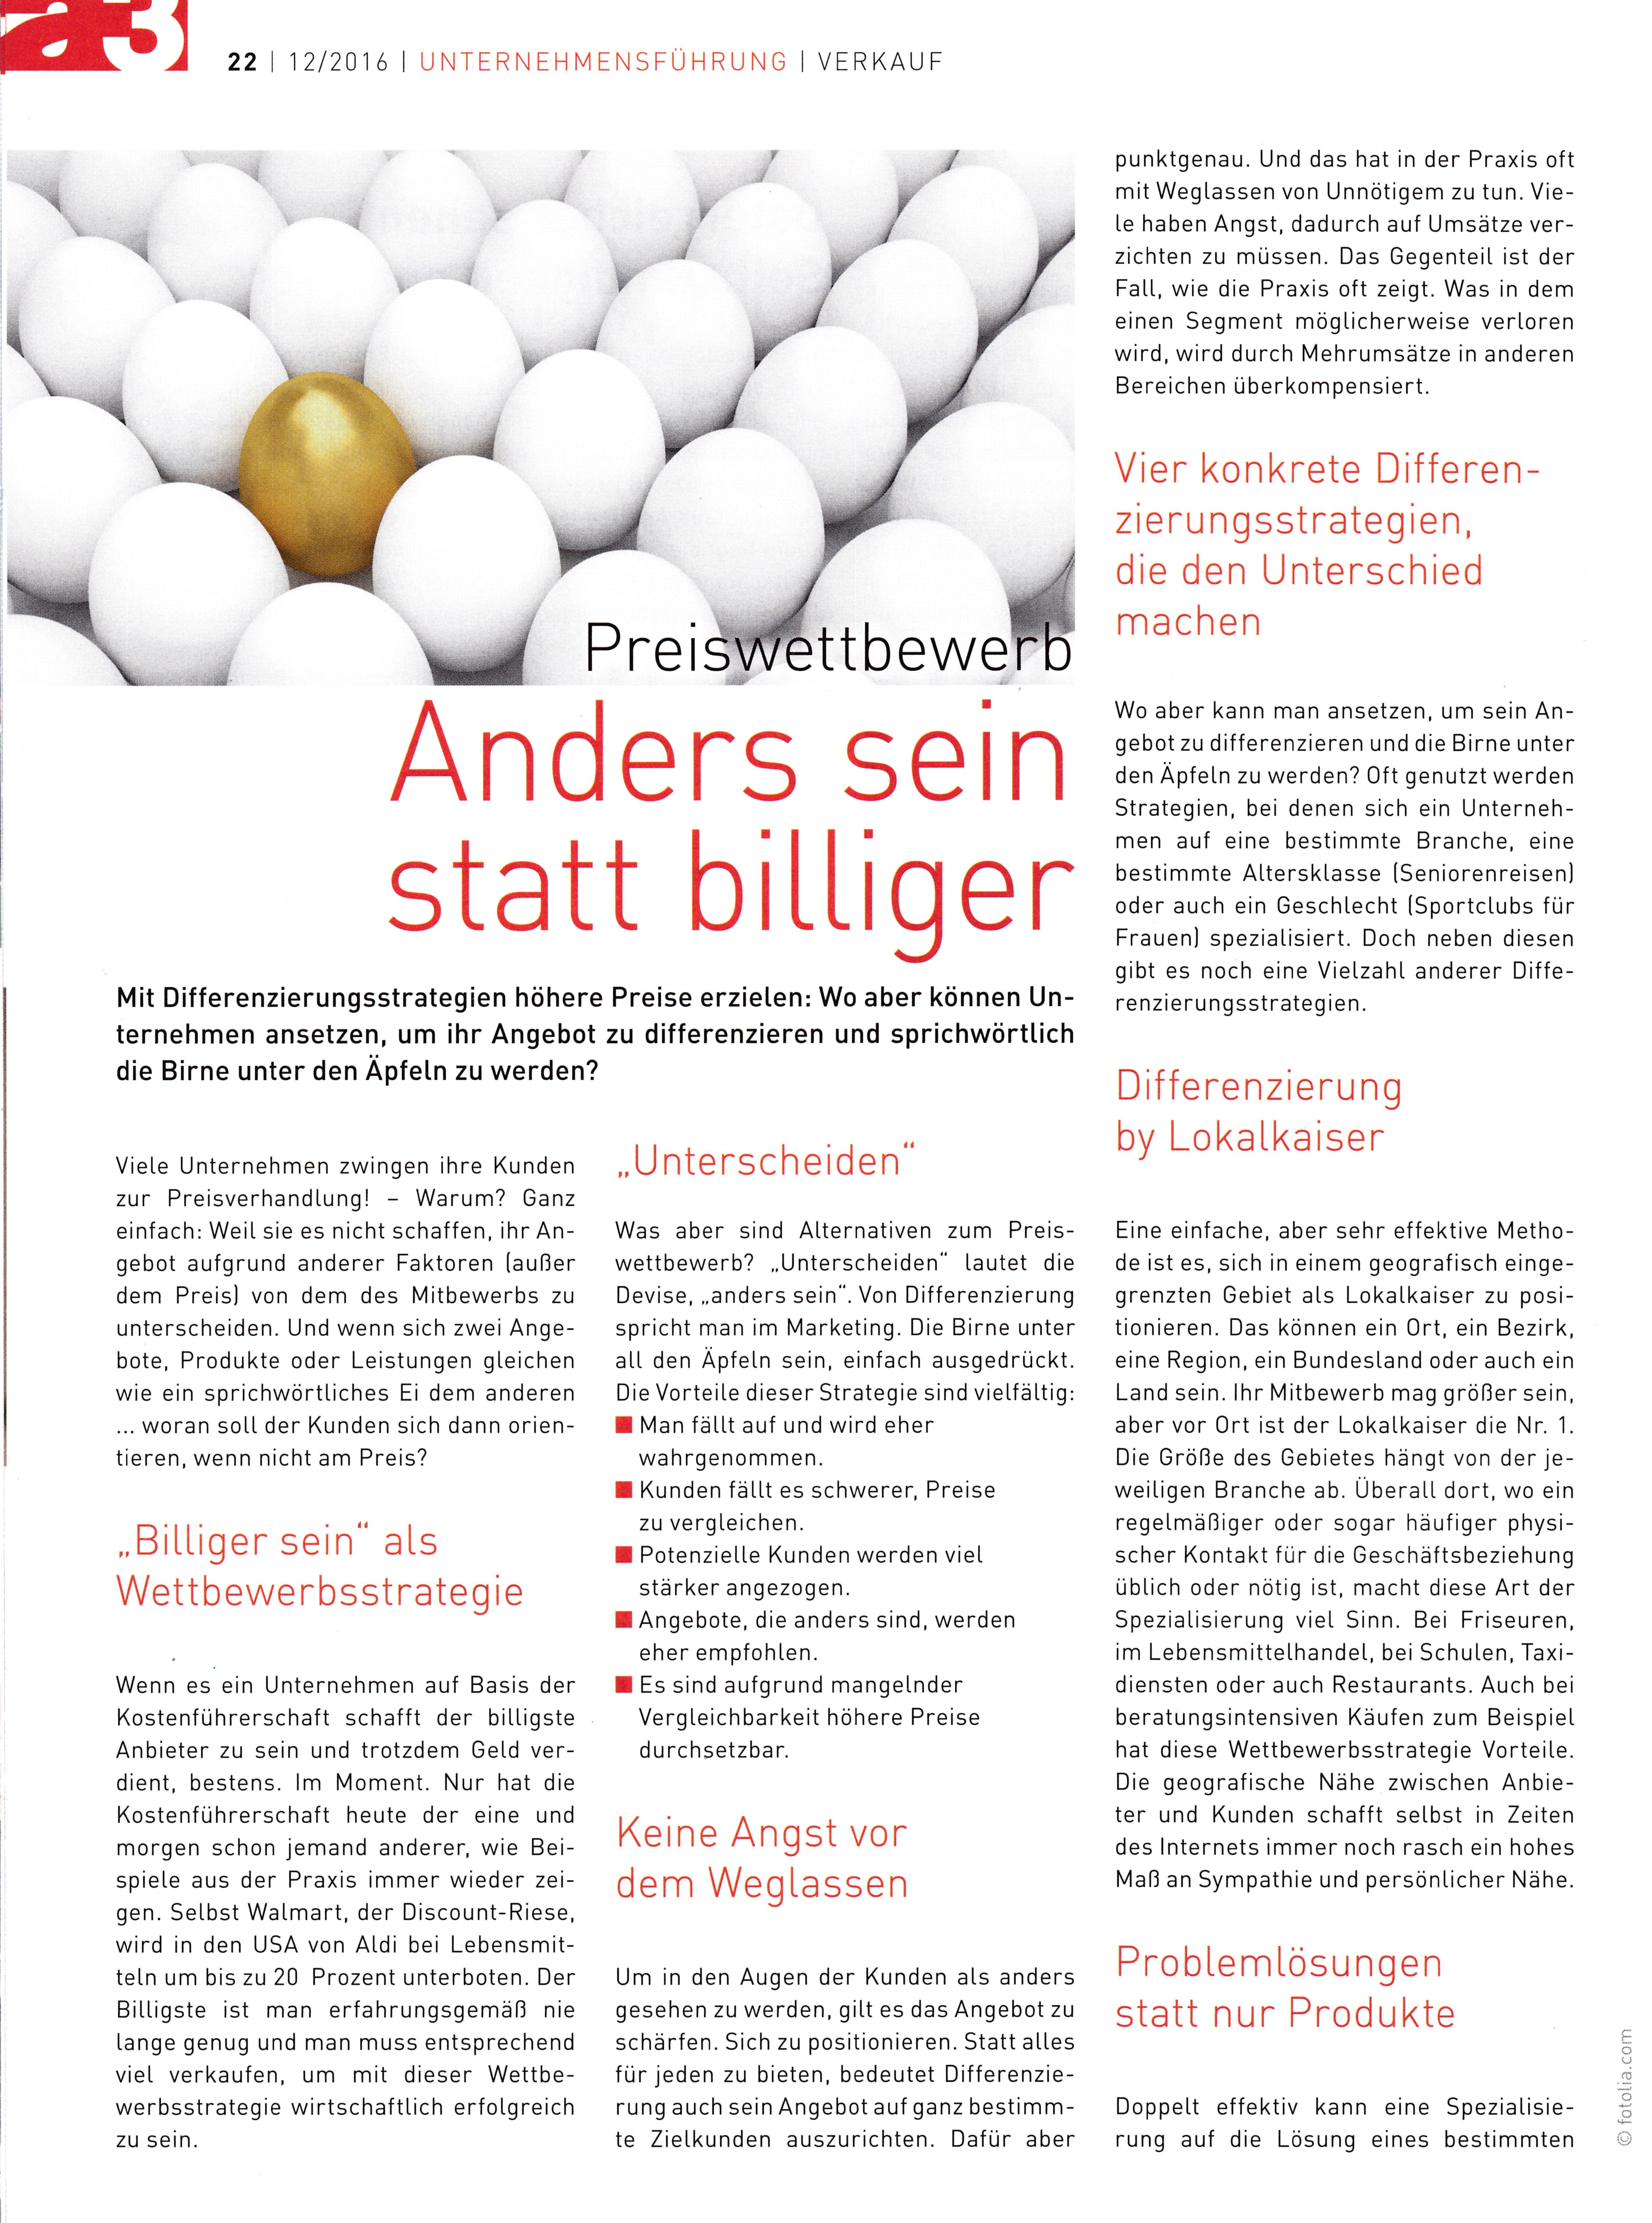 a3 ECO 12/2016 - Seite 1 -  Anders sein statt billiger - Roman Kmenta - Keynote Speaker und Trainer